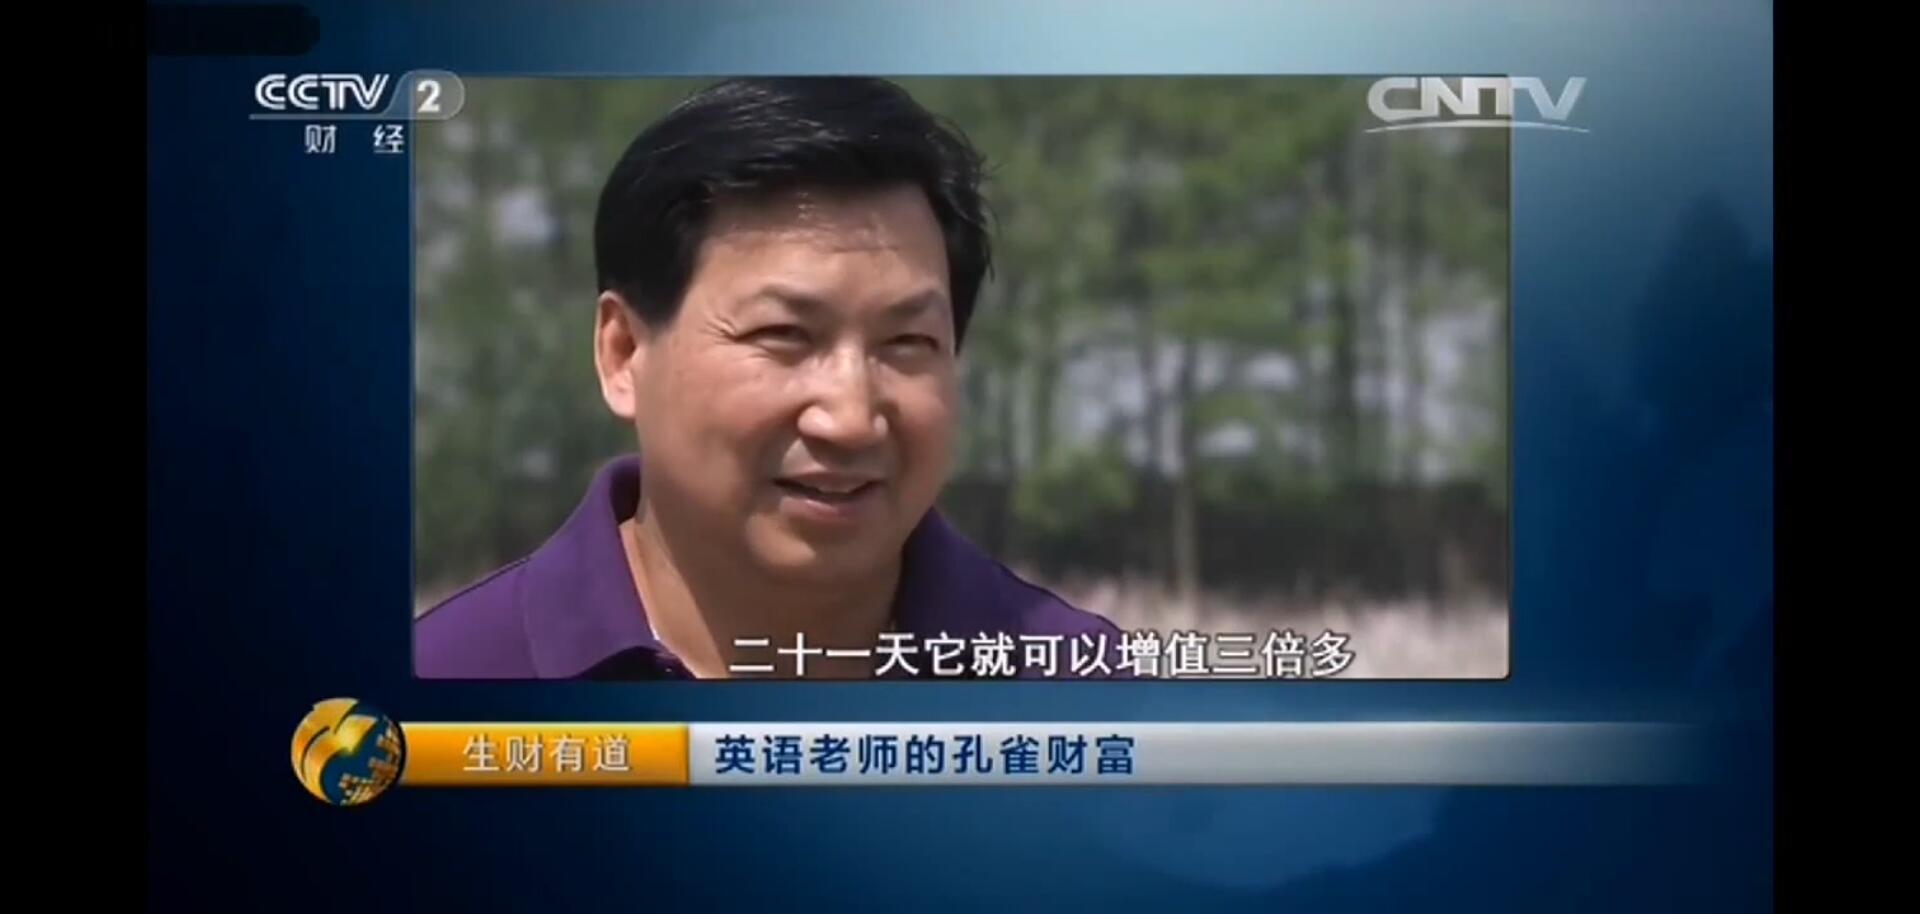 CCTV-2生财有道英语老师的中华彩票网是不是真的财富